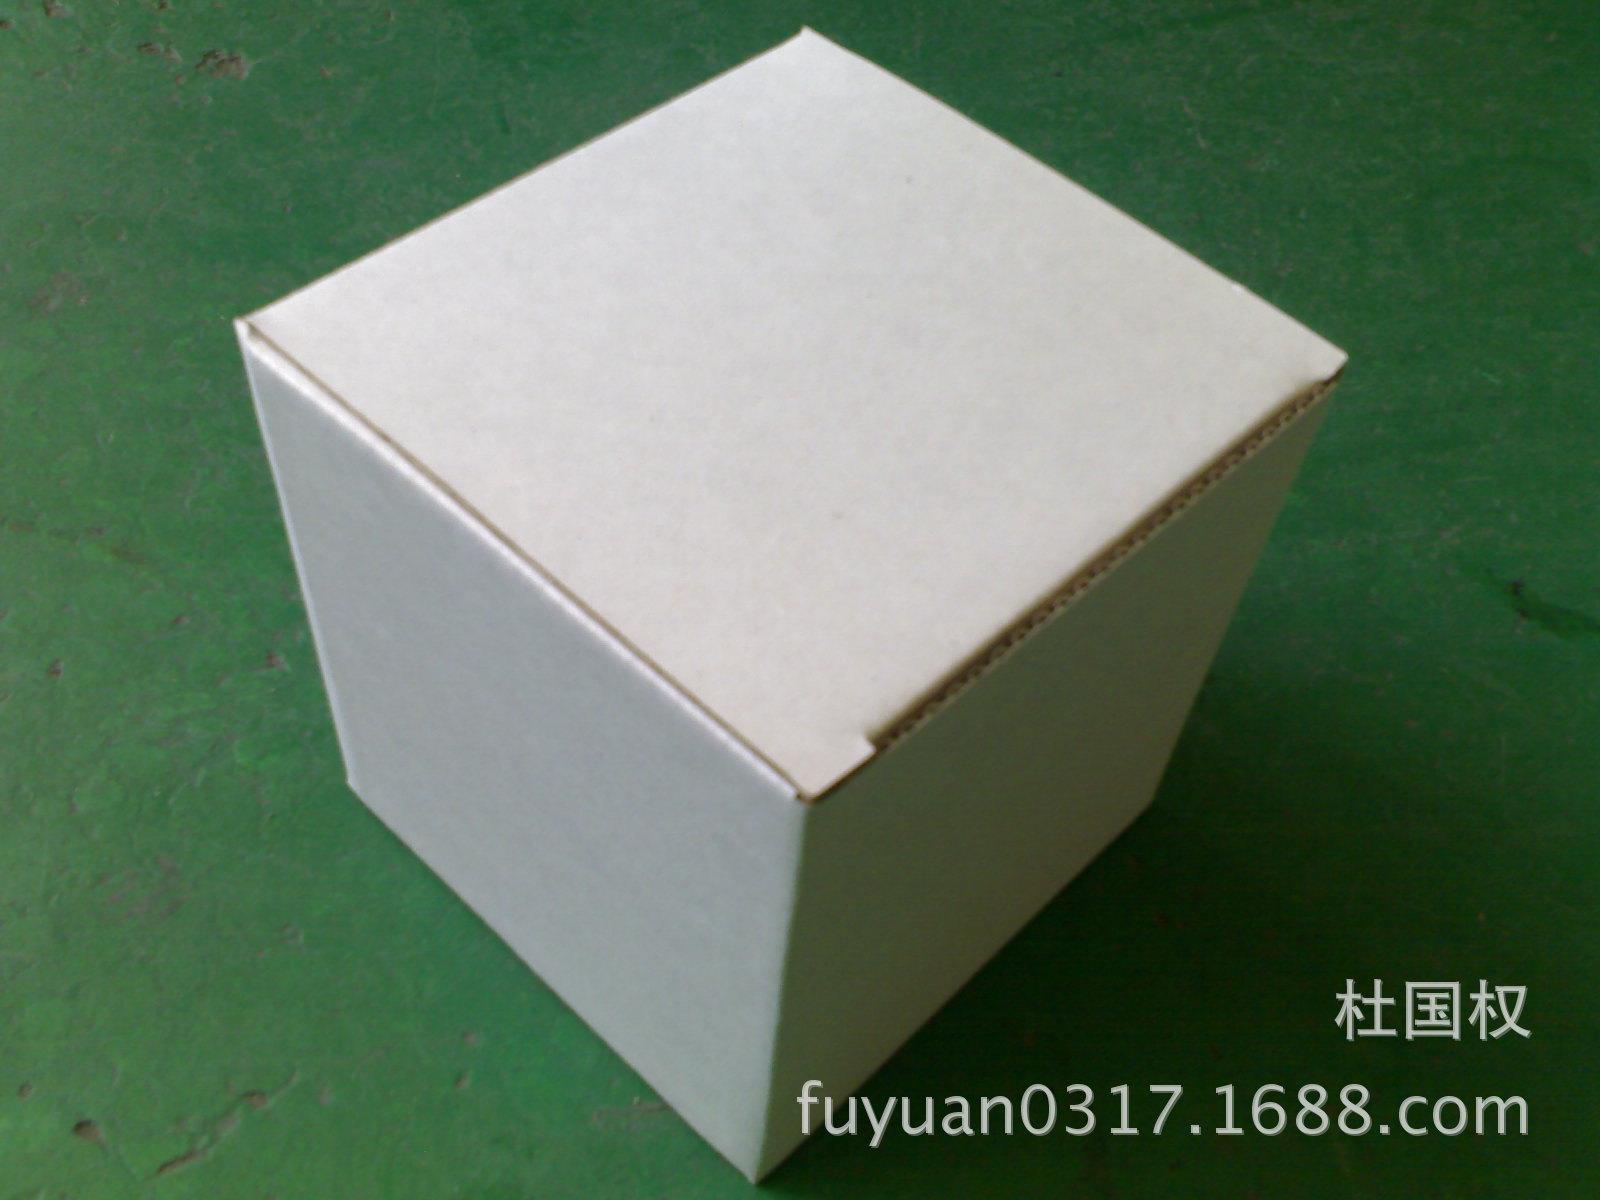 厂家批发白板纸_价格适中的白板纸产品信息